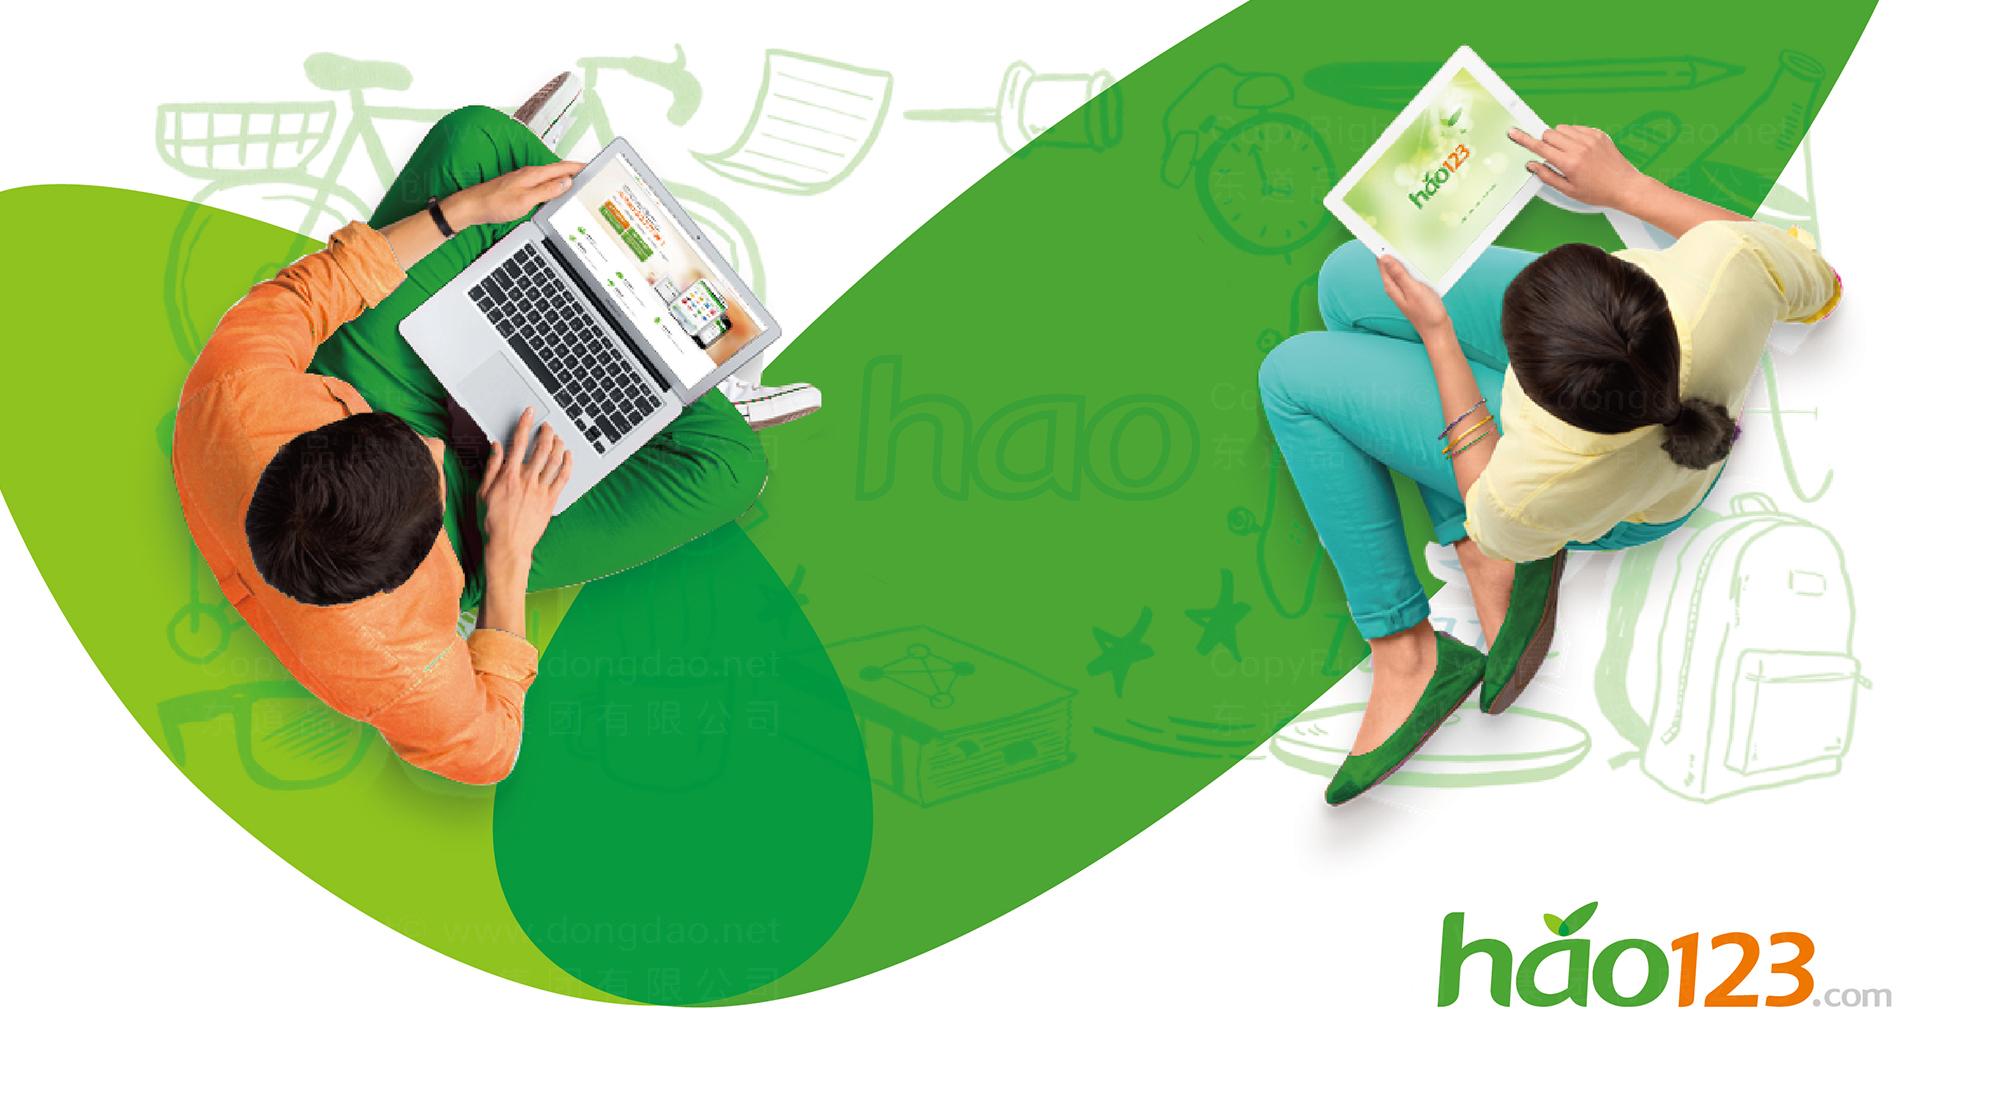 品牌设计hao123LOGO&VI设计应用场景